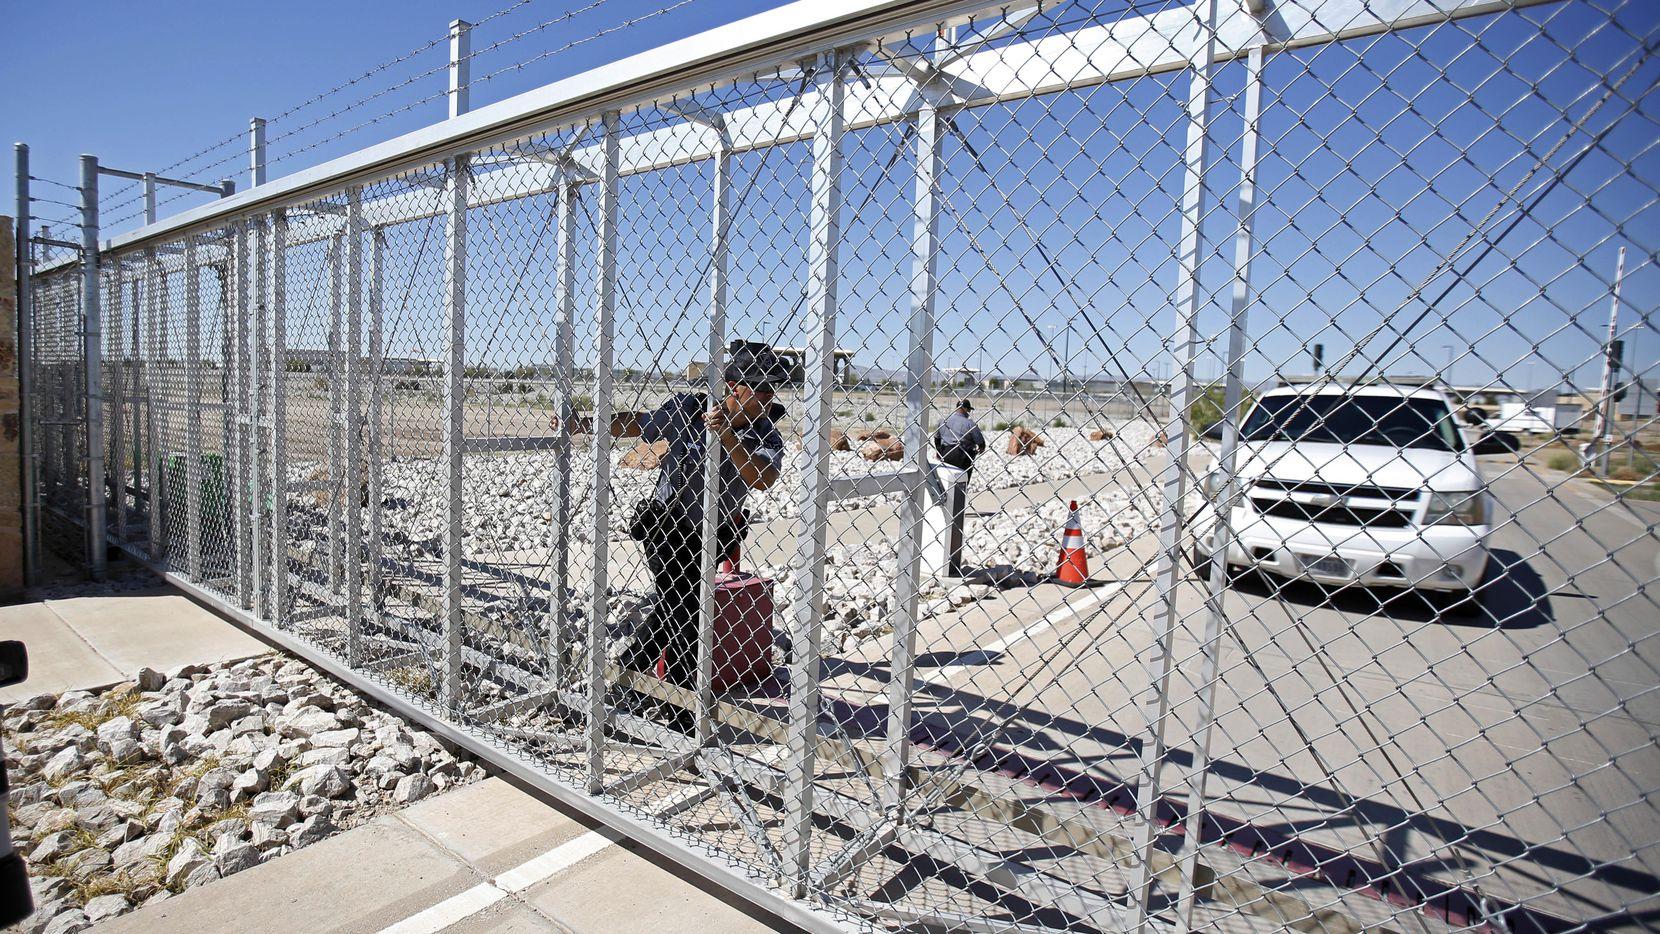 Un agente de Seguridad Nacional cierra la puerta de acceso a un centro de detención de inmigranhtes en Tornillo, Texas.(AP)